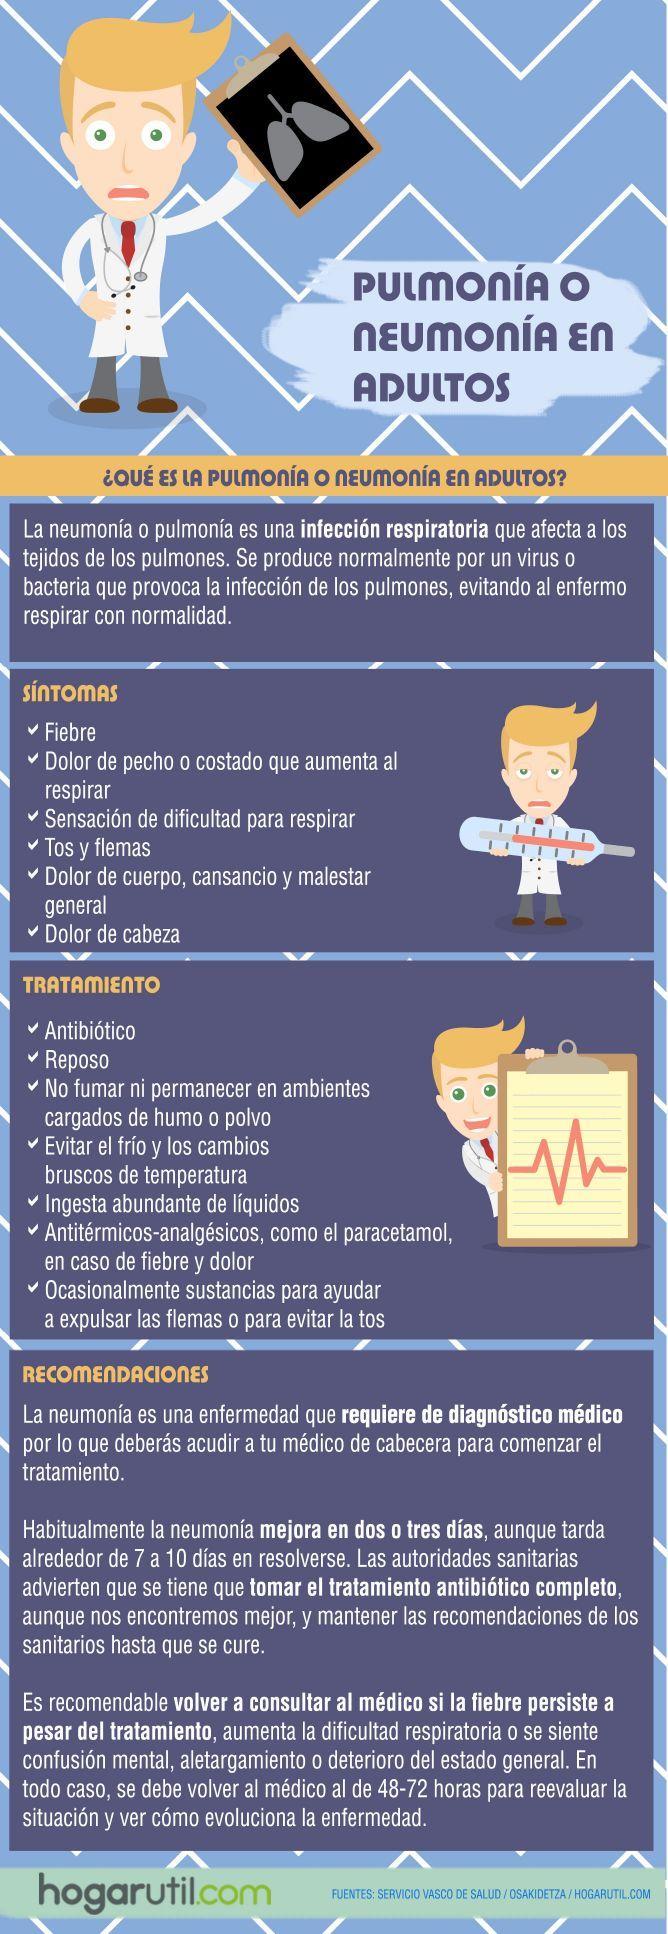 Neumonía o pulmonía en adultos - Pneumonia in adults - Medical Unit Infographic